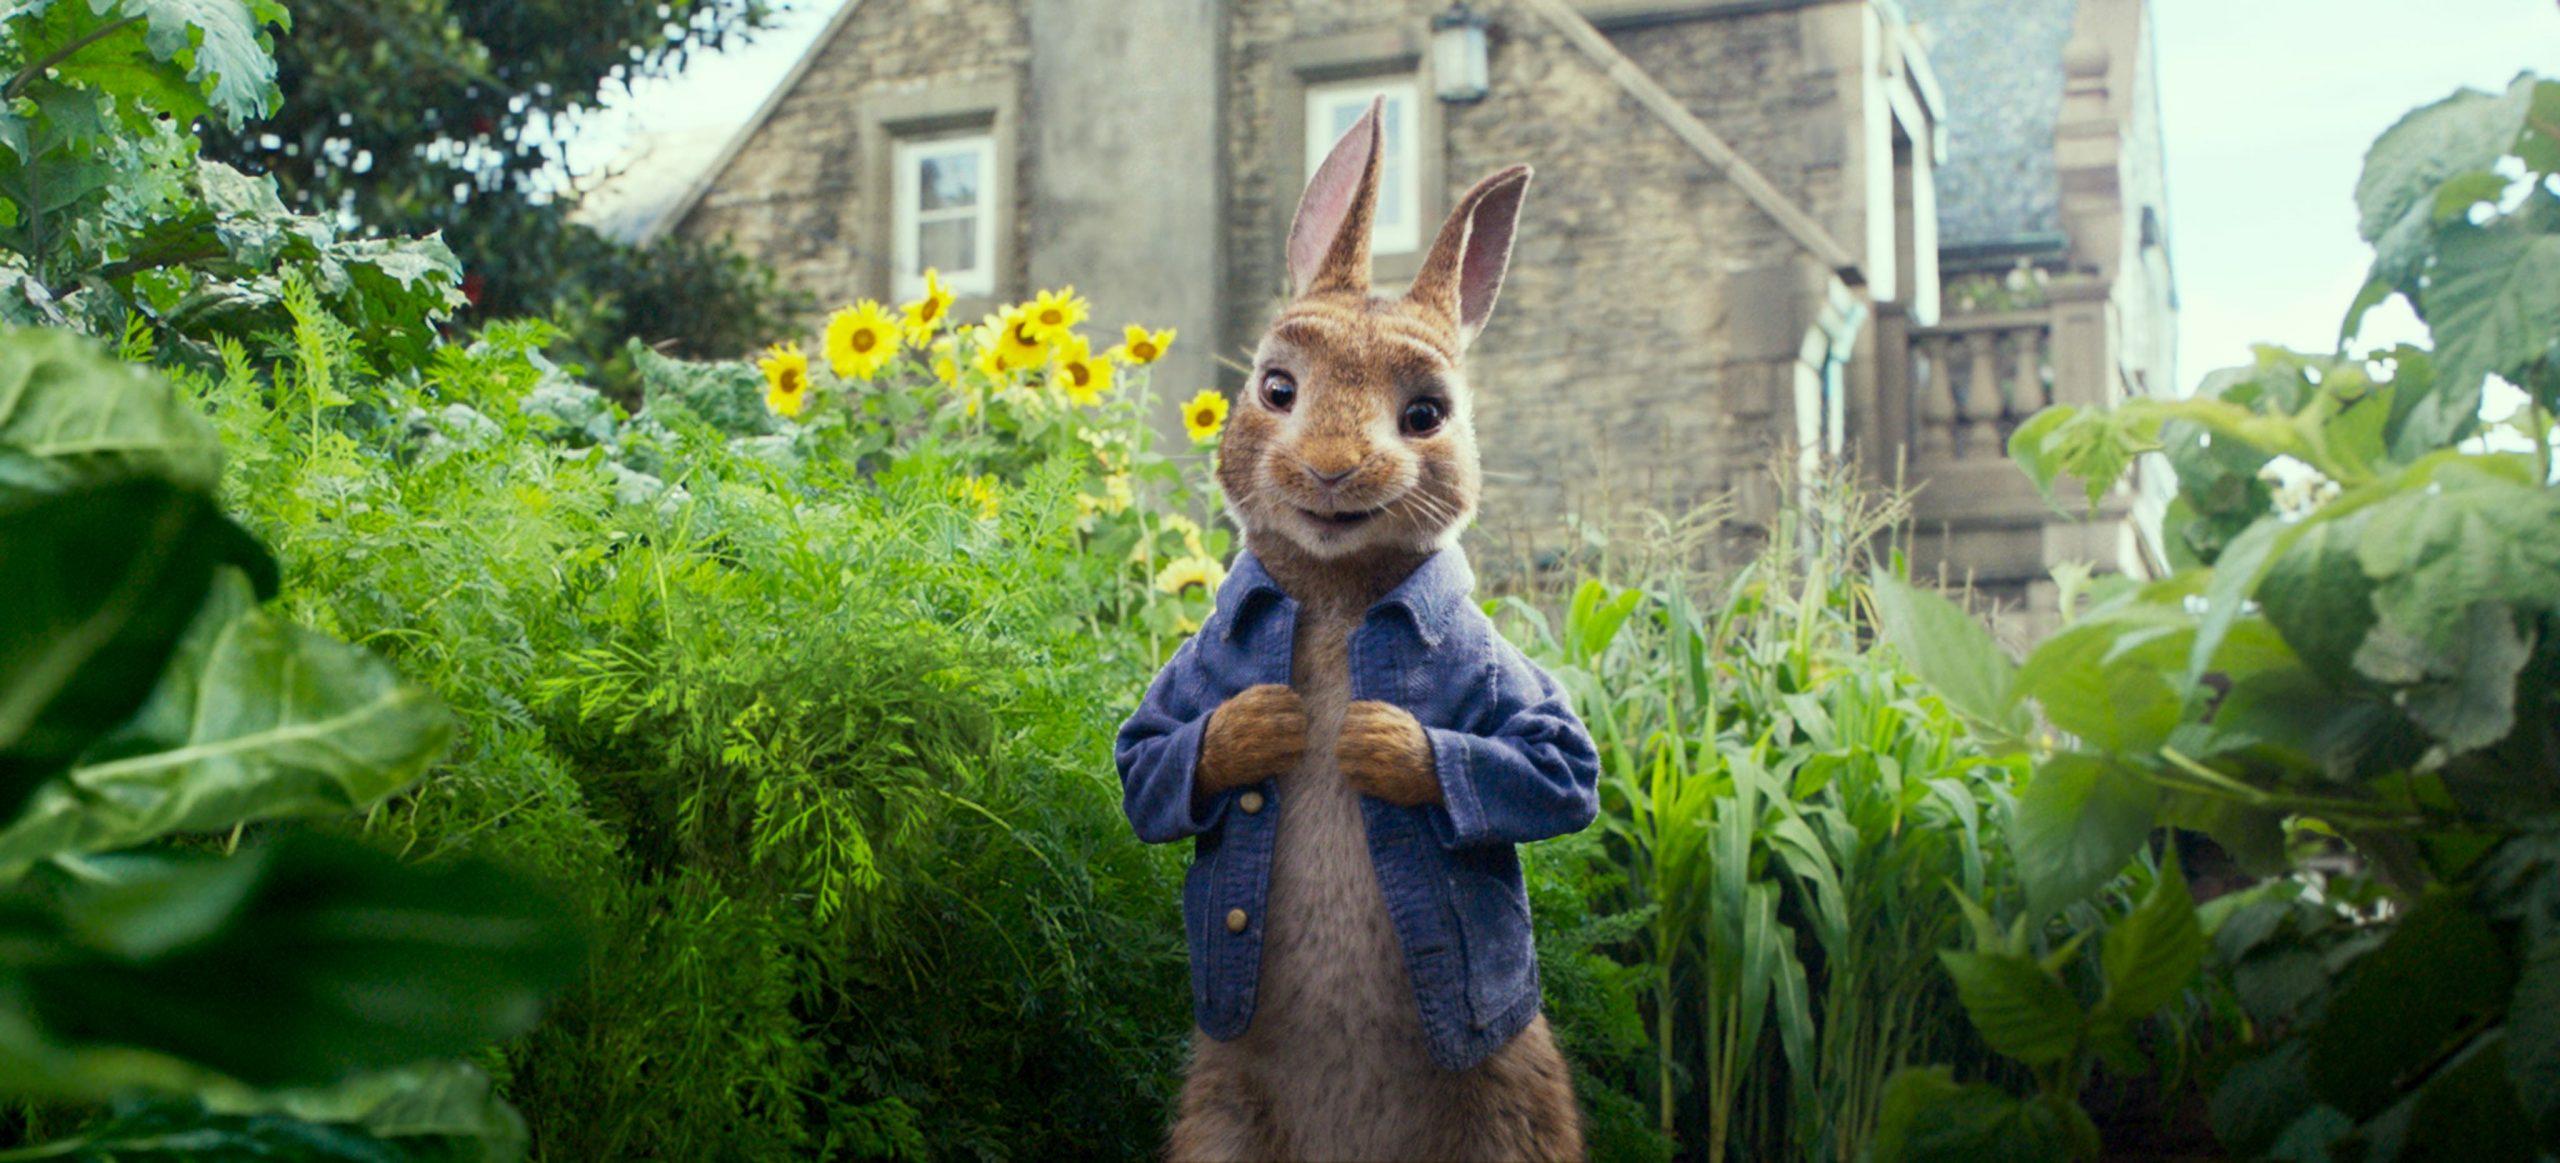 《比得兔》热映,如何撬动数亿票房整合图书营销?